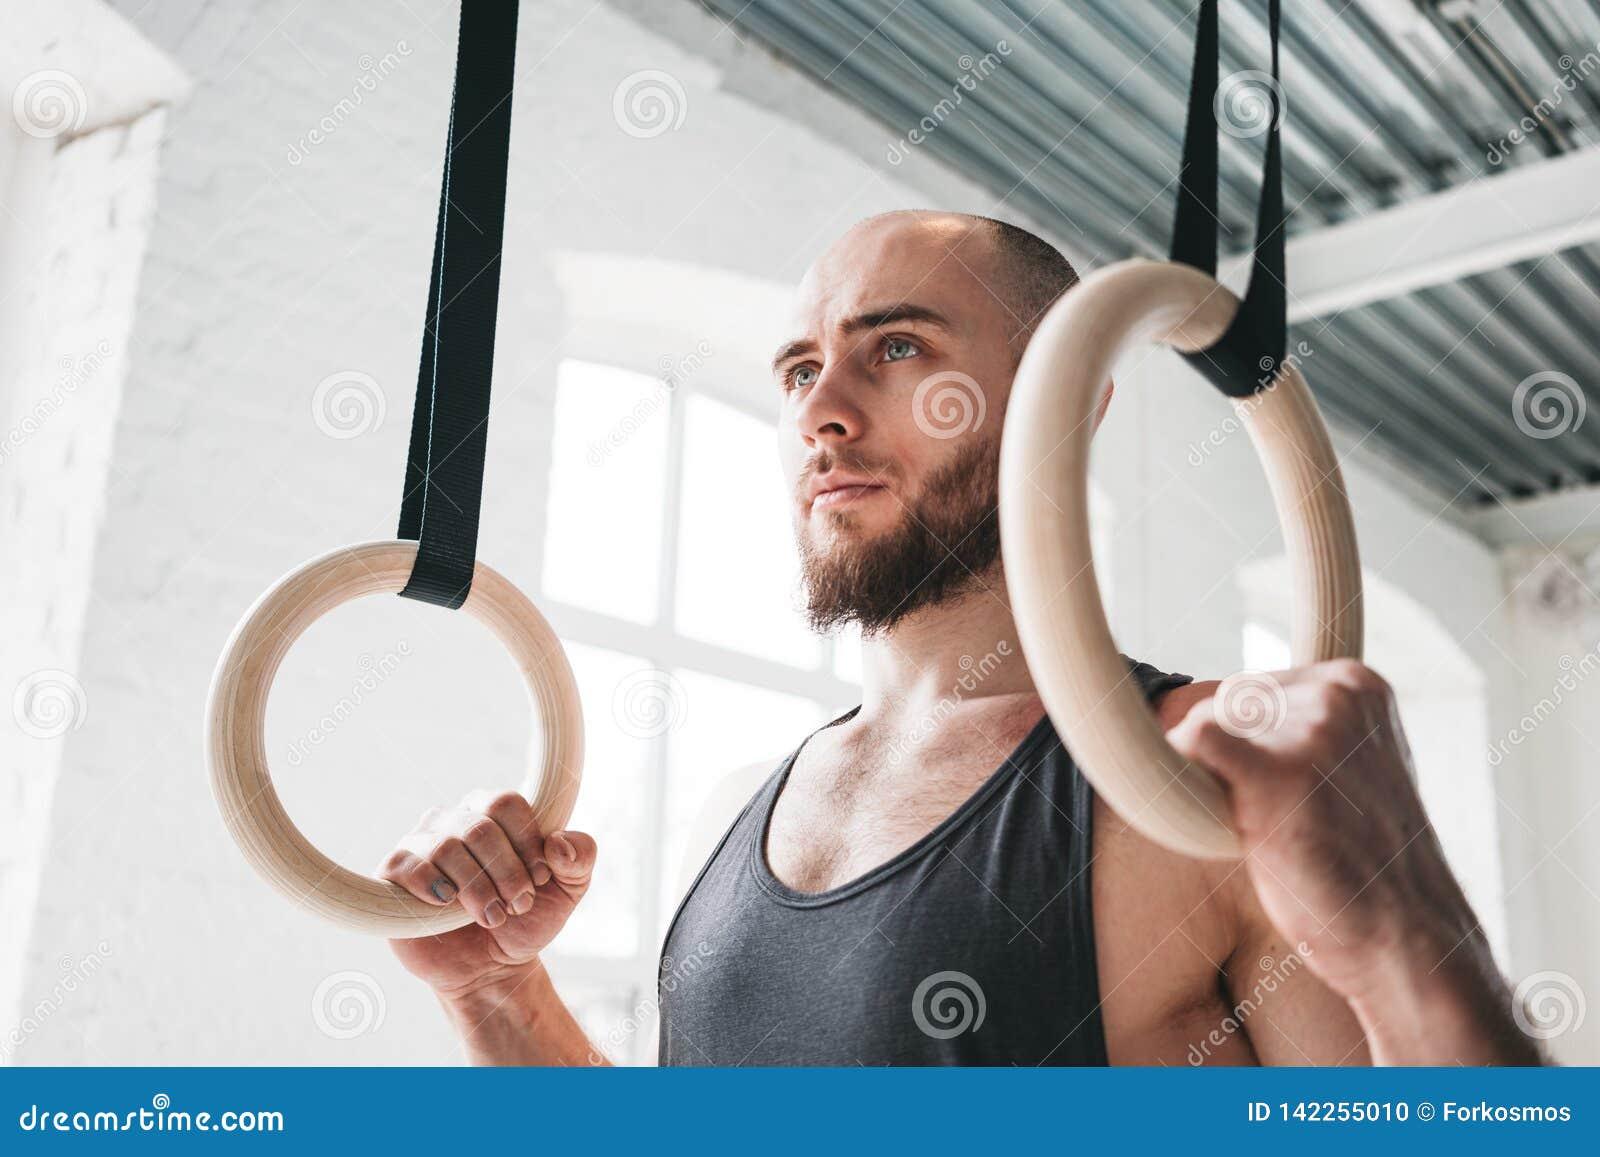 Ισχυρό γενειοφόρο άτομο που κρατά τα γυμναστικά δαχτυλίδια στη γυμναστική